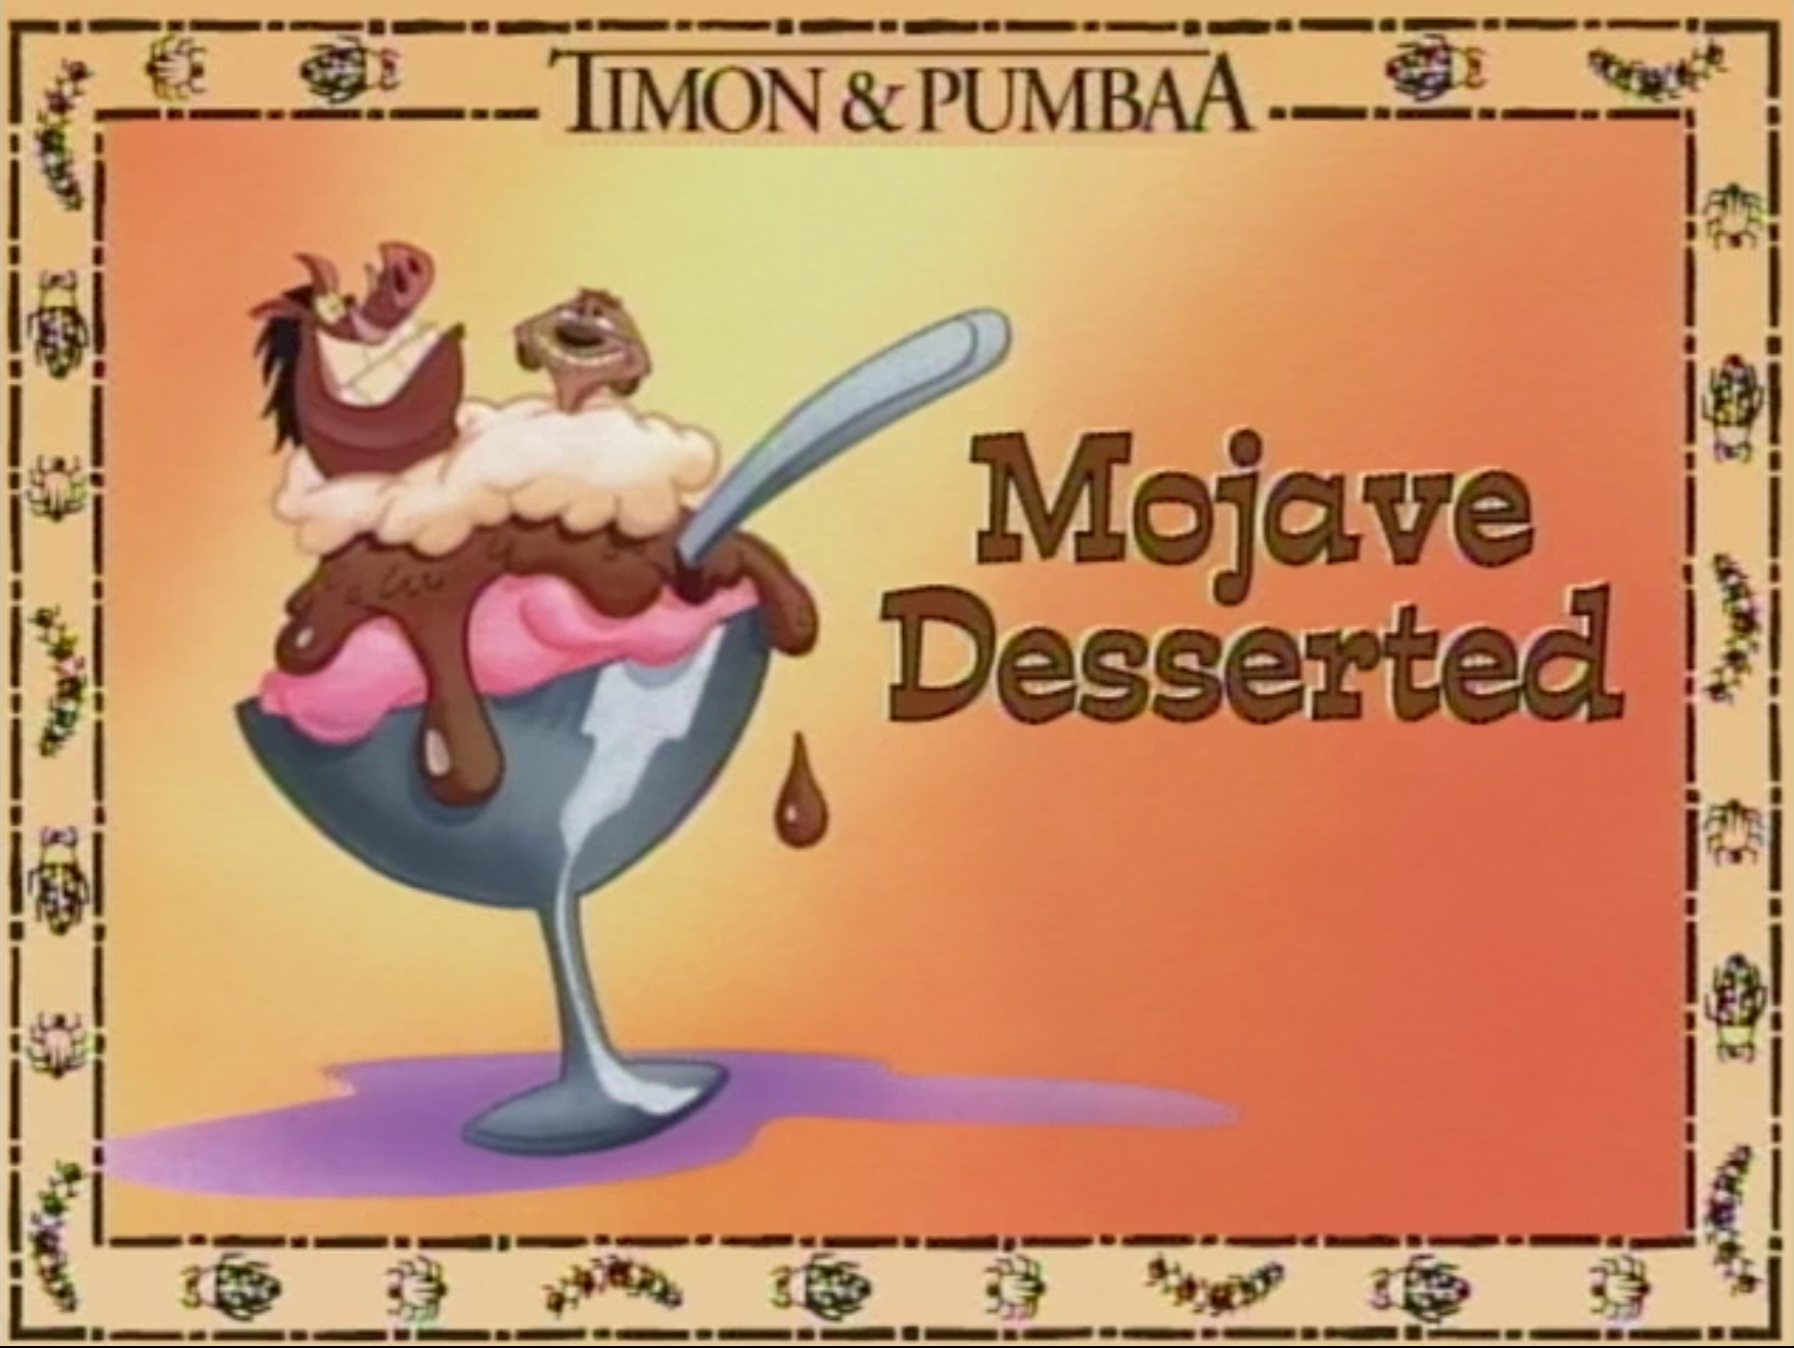 Mojave Desserted